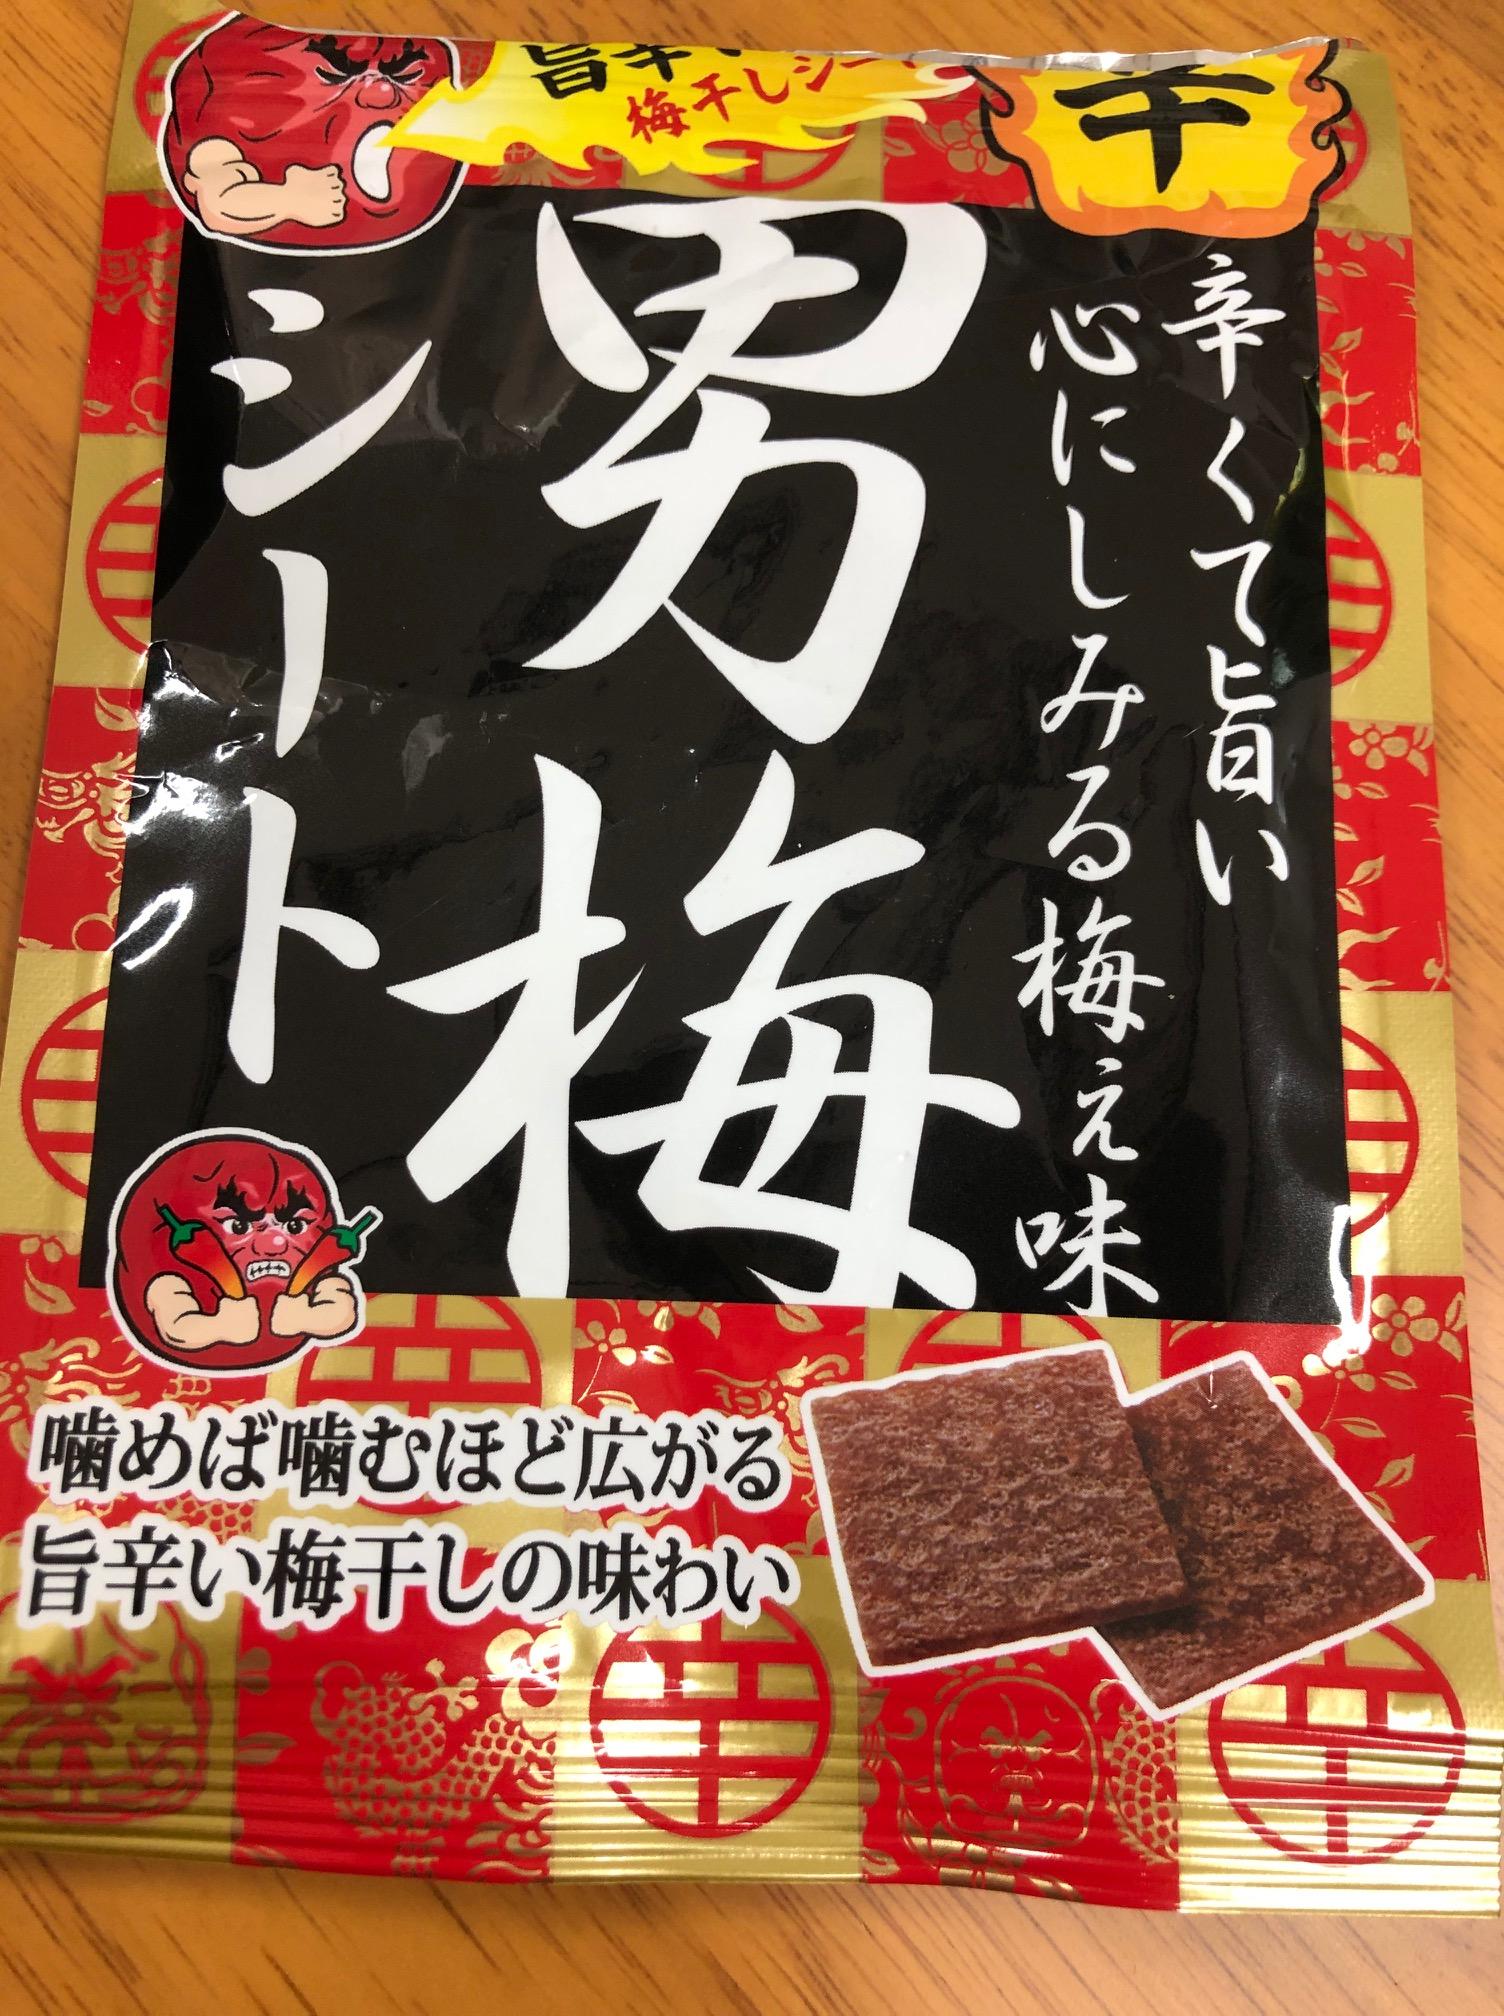 辛党必見!辛男梅シートが想像以上に辛くて美味しい!実際に食べた感想をお届けします。